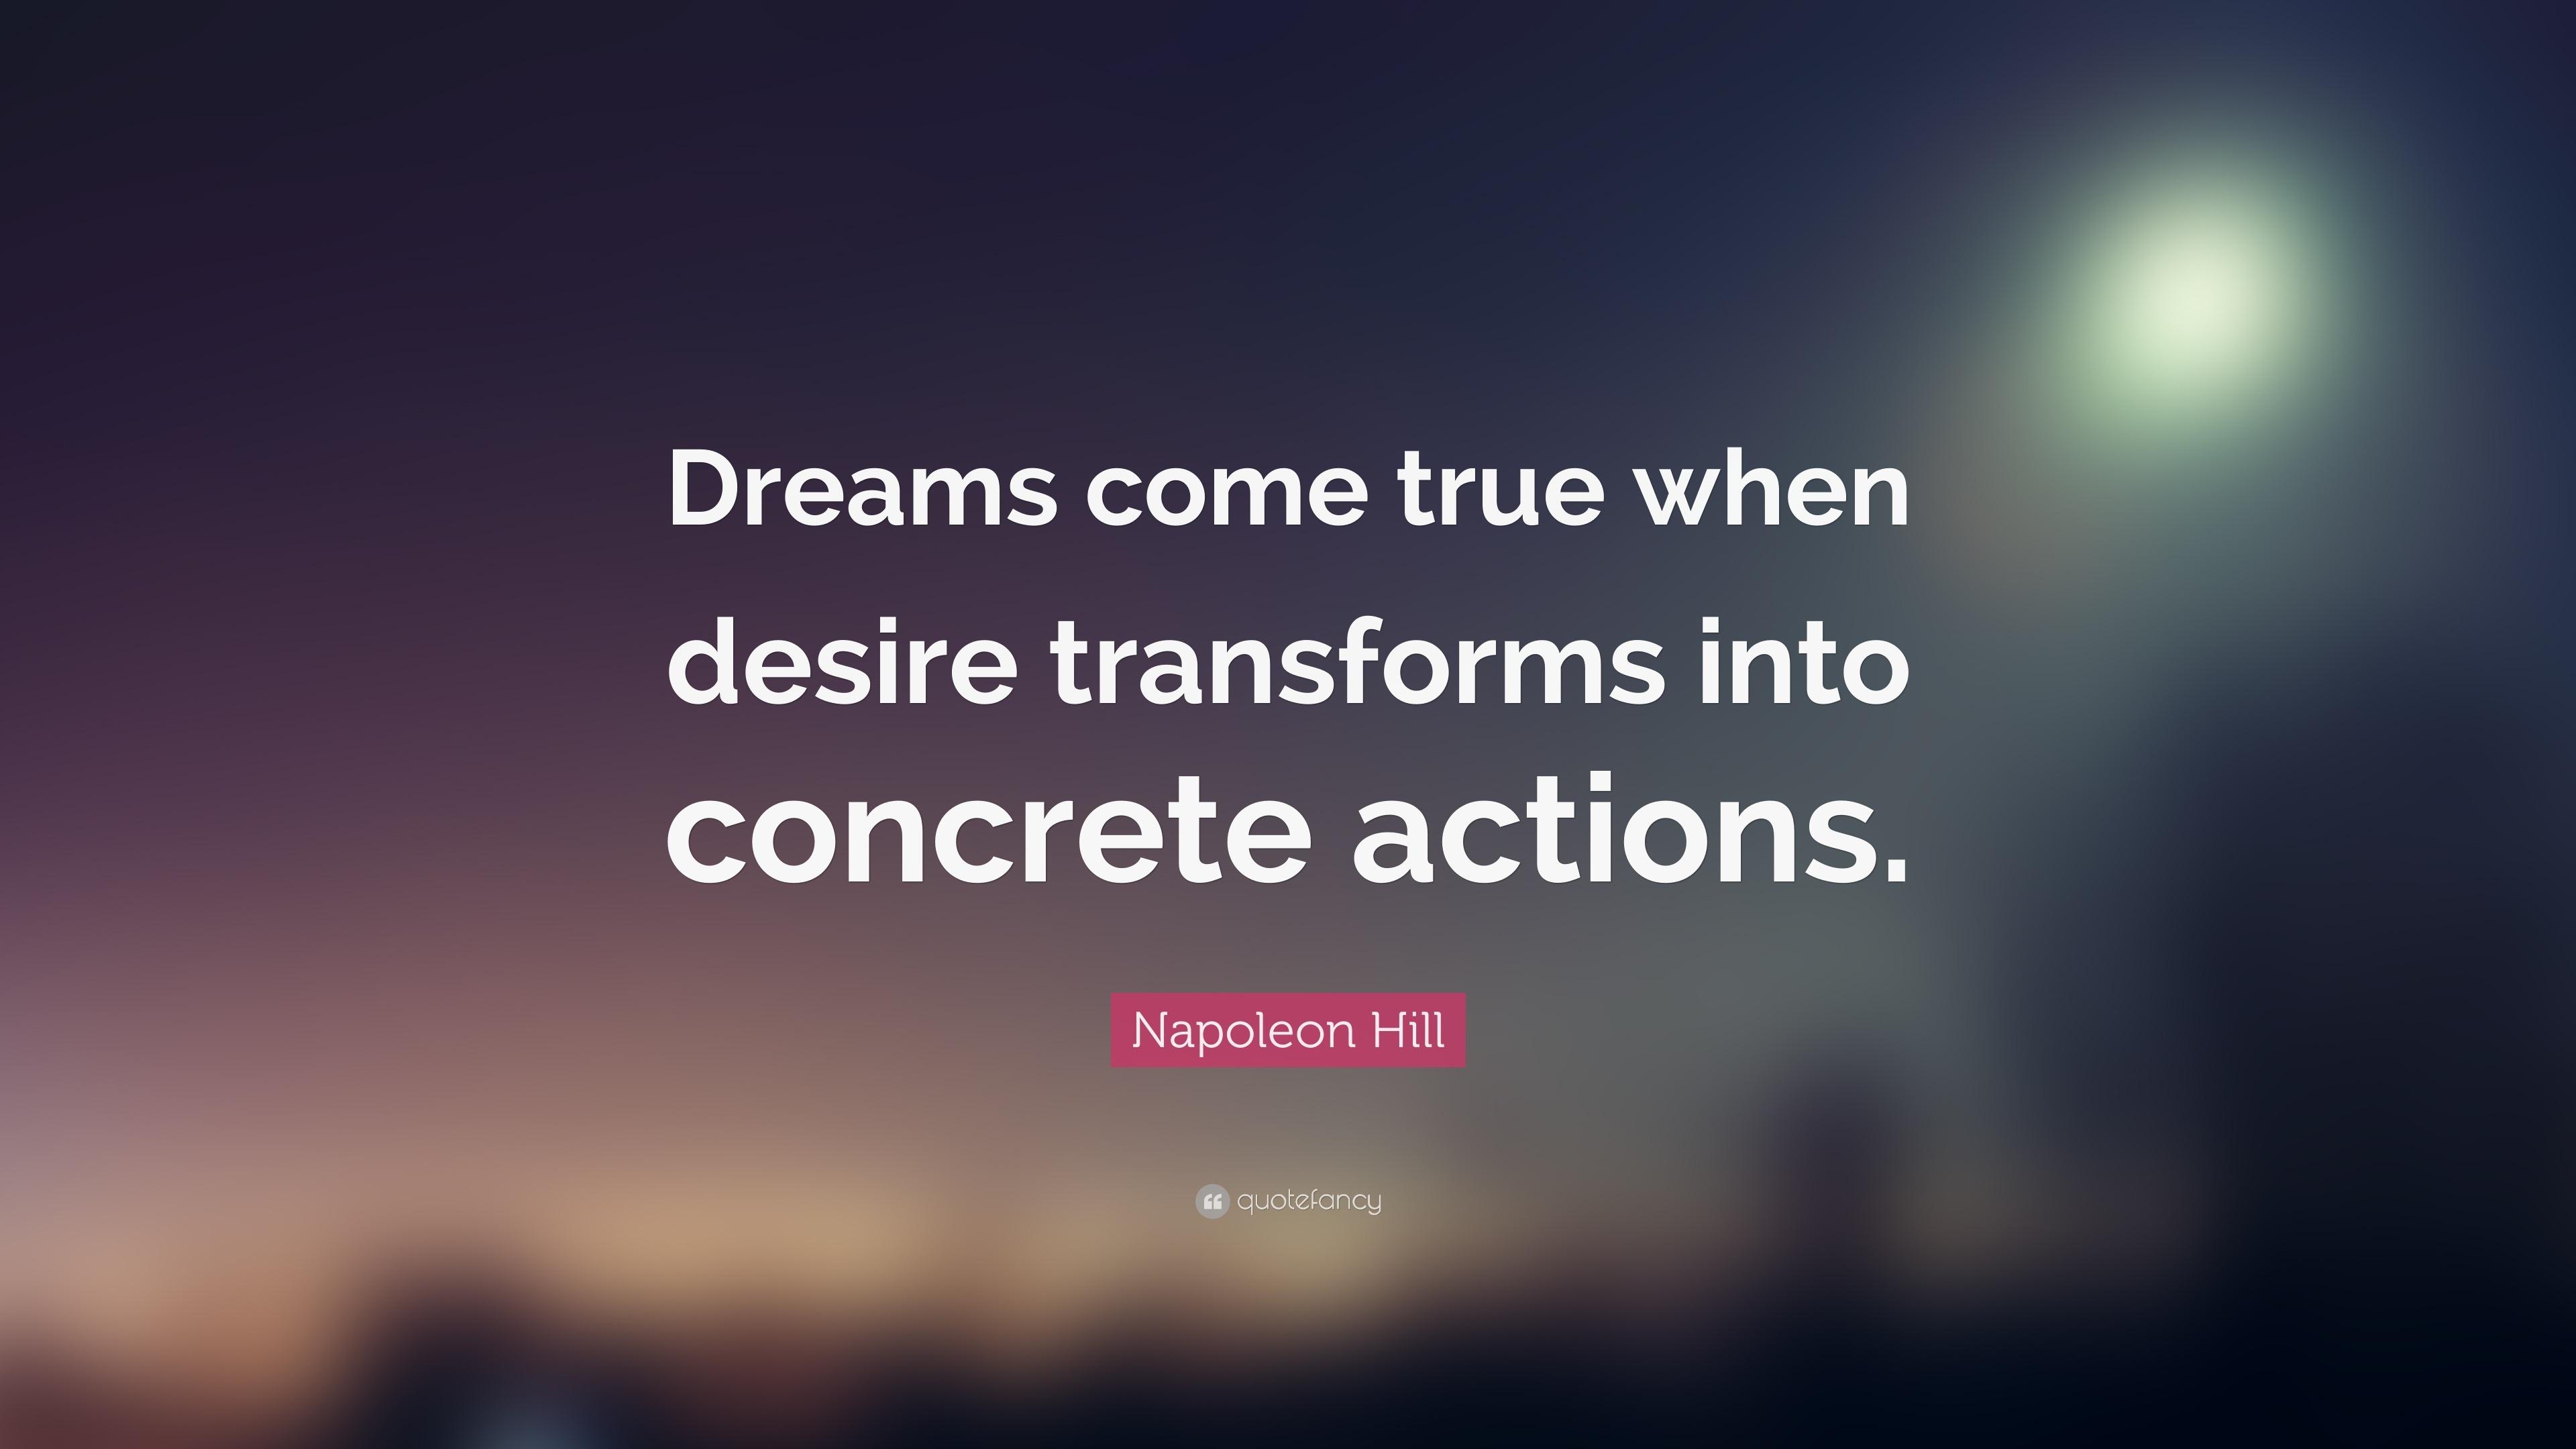 Napoleon hill quote dreams come true when desire transforms into napoleon hill quote dreams come true when desire transforms into concrete actions altavistaventures Choice Image